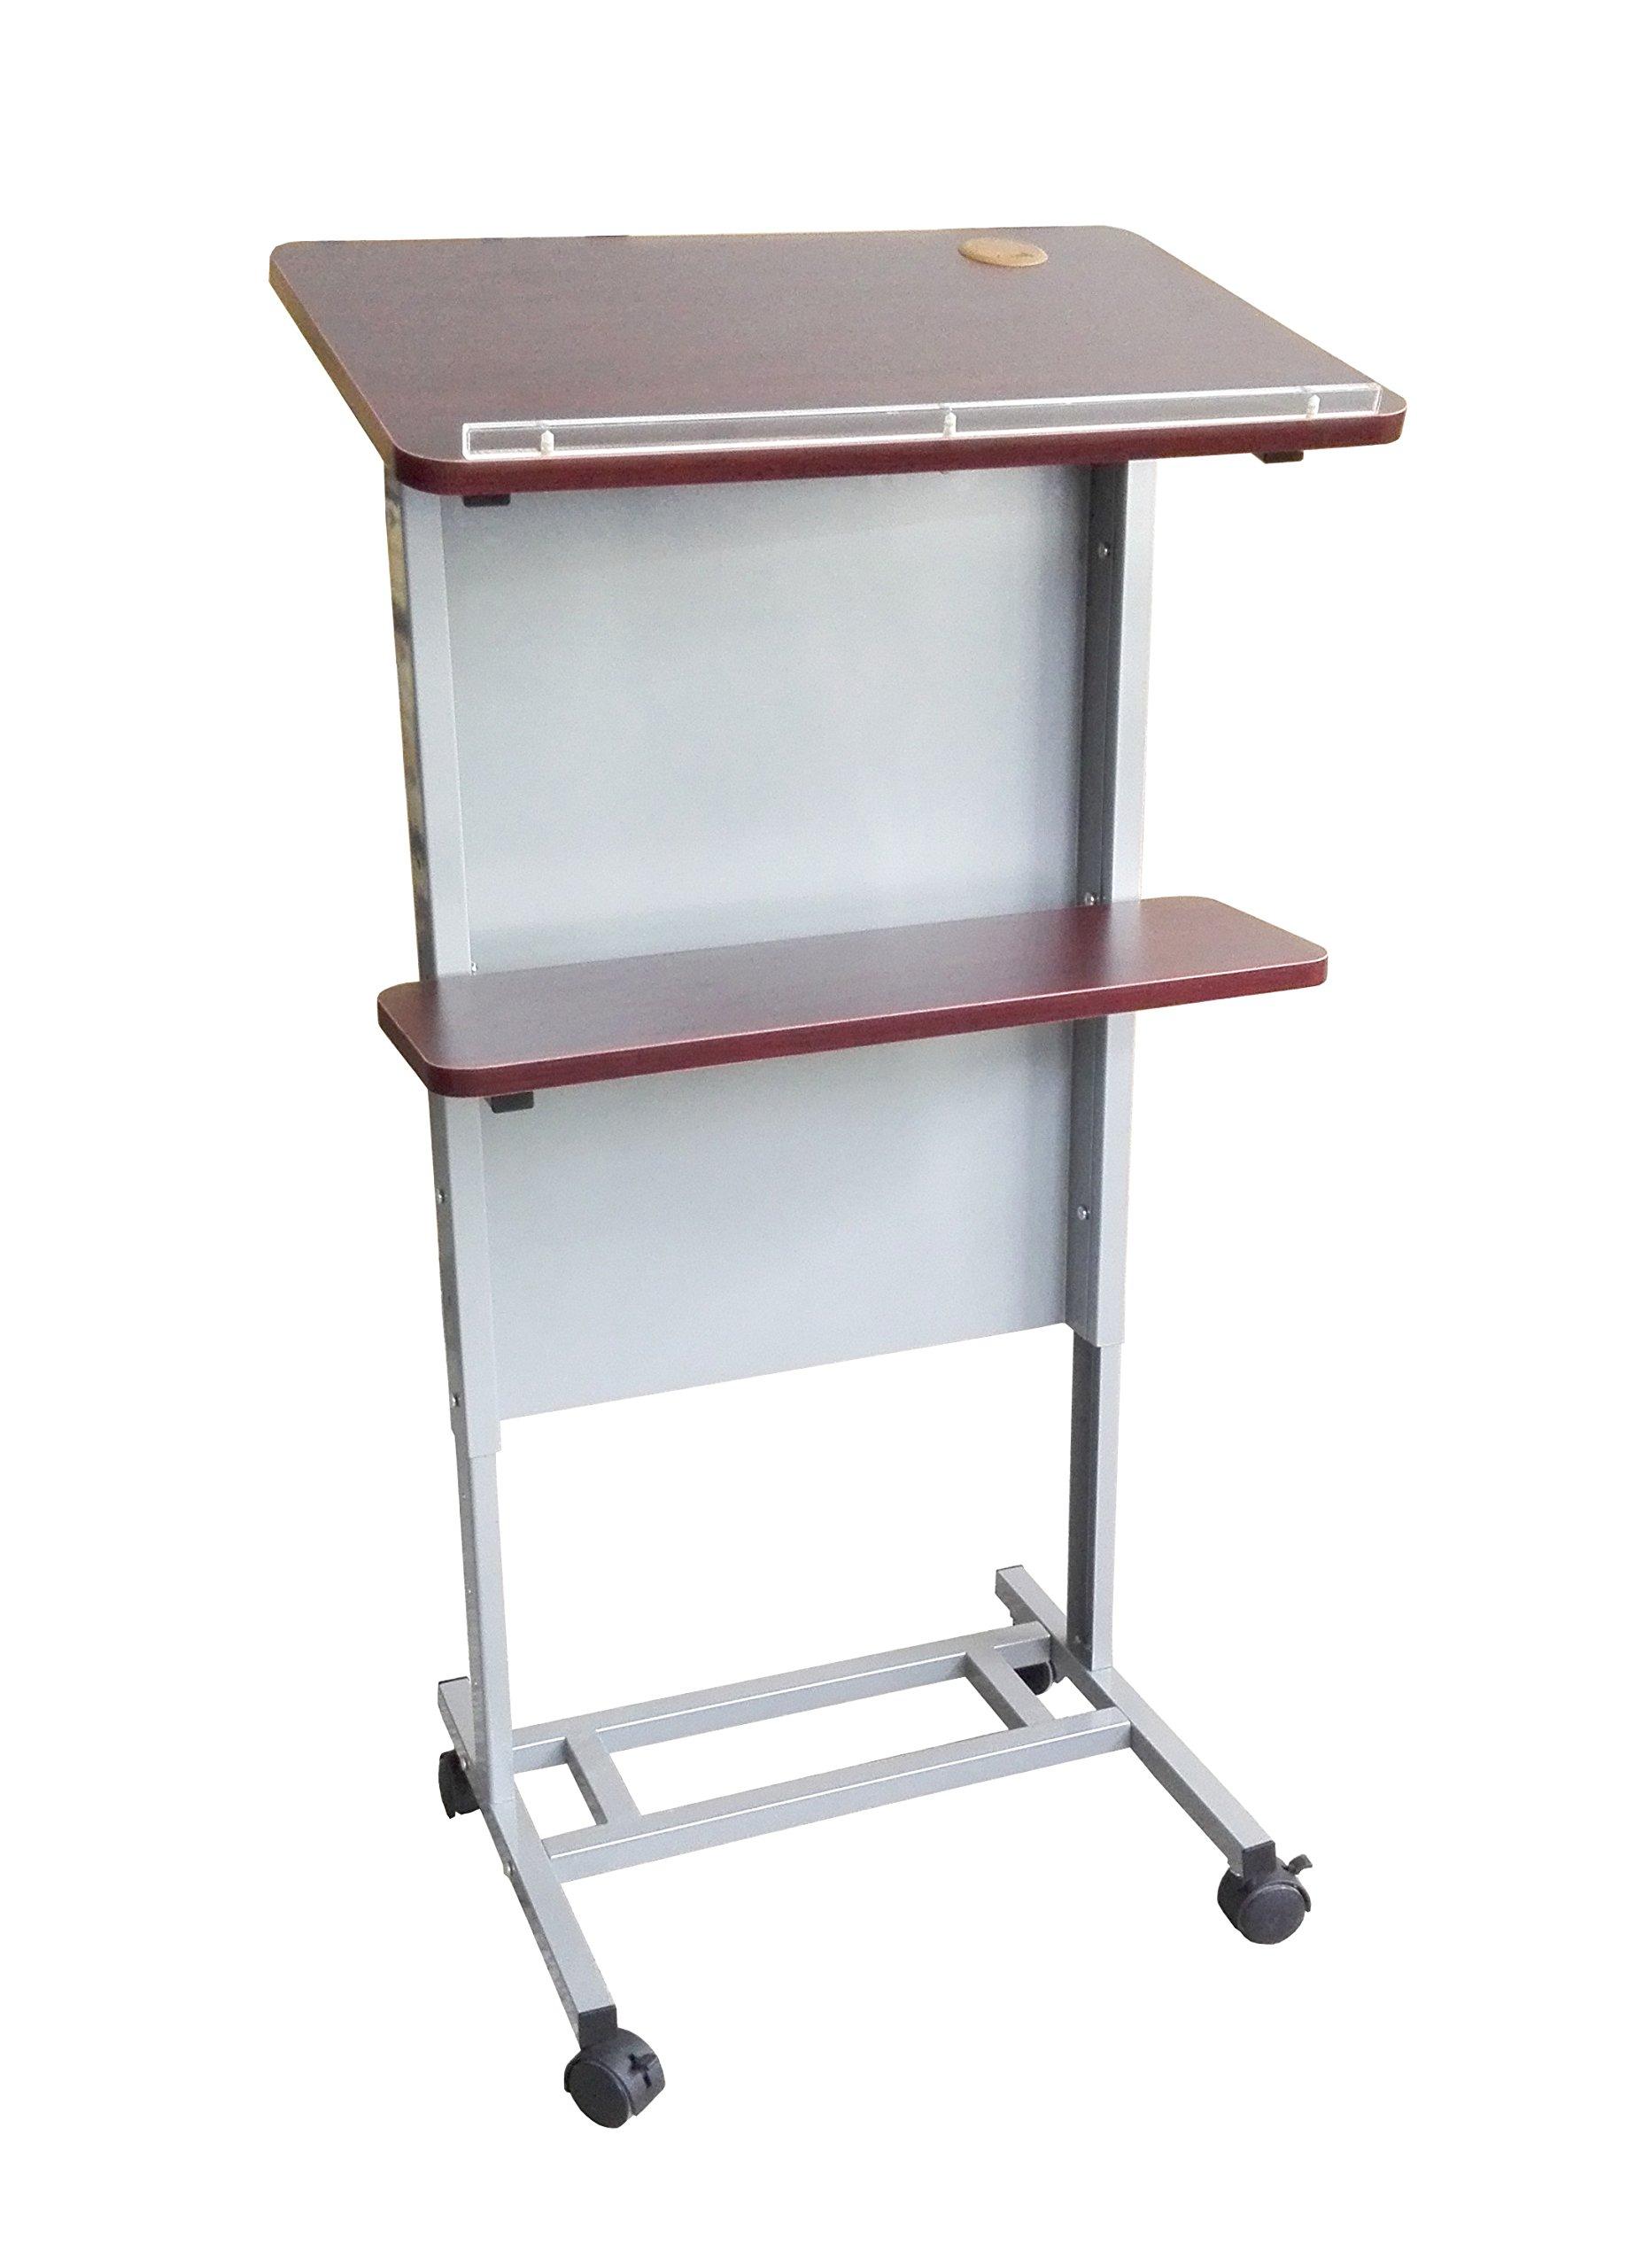 FixtureDisplays Floor Standing Pulpit Adjustable Height Lectern Podium w/Casters, Heavy Duty Steel Frame, Rolling Podium 18147